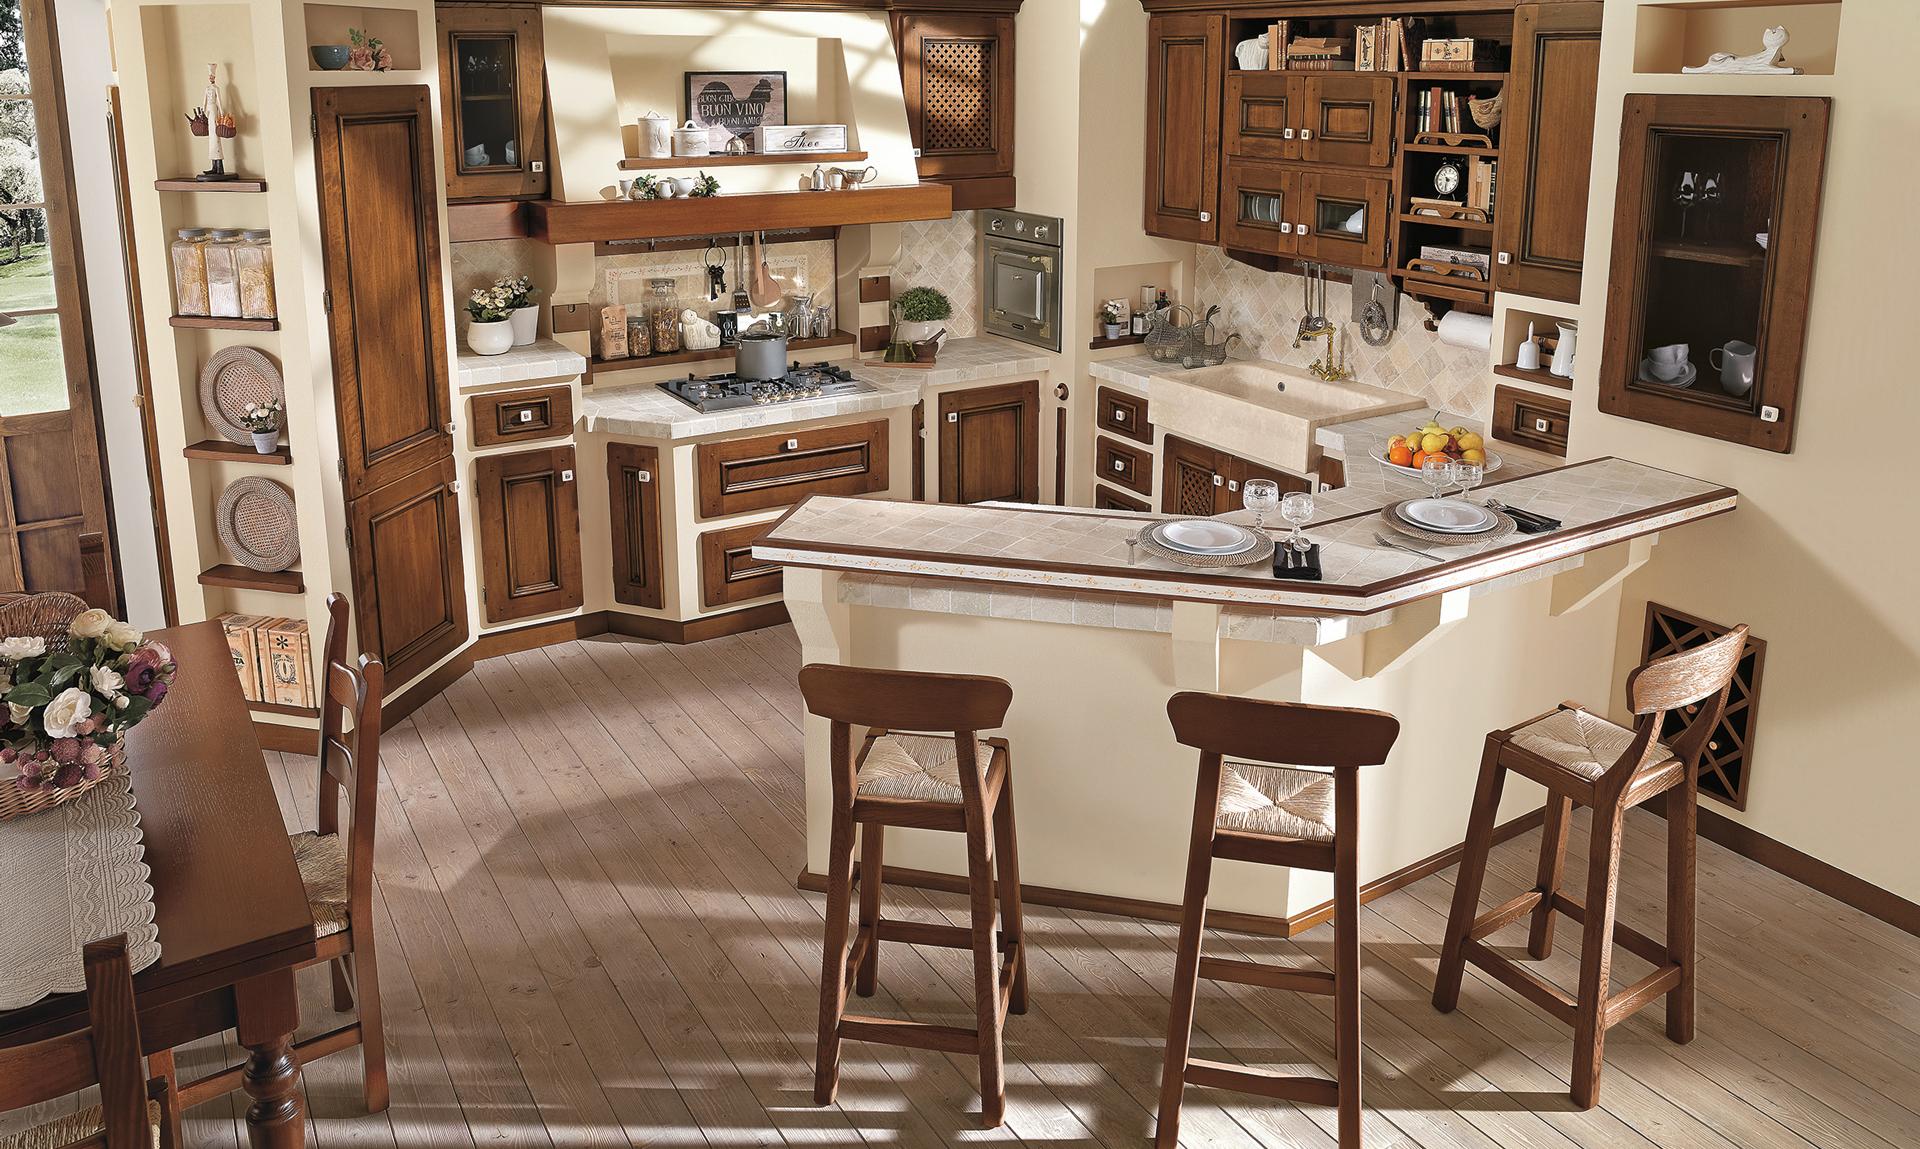 Beatrice - Borgo Antico Kitchens - The LUBE Group